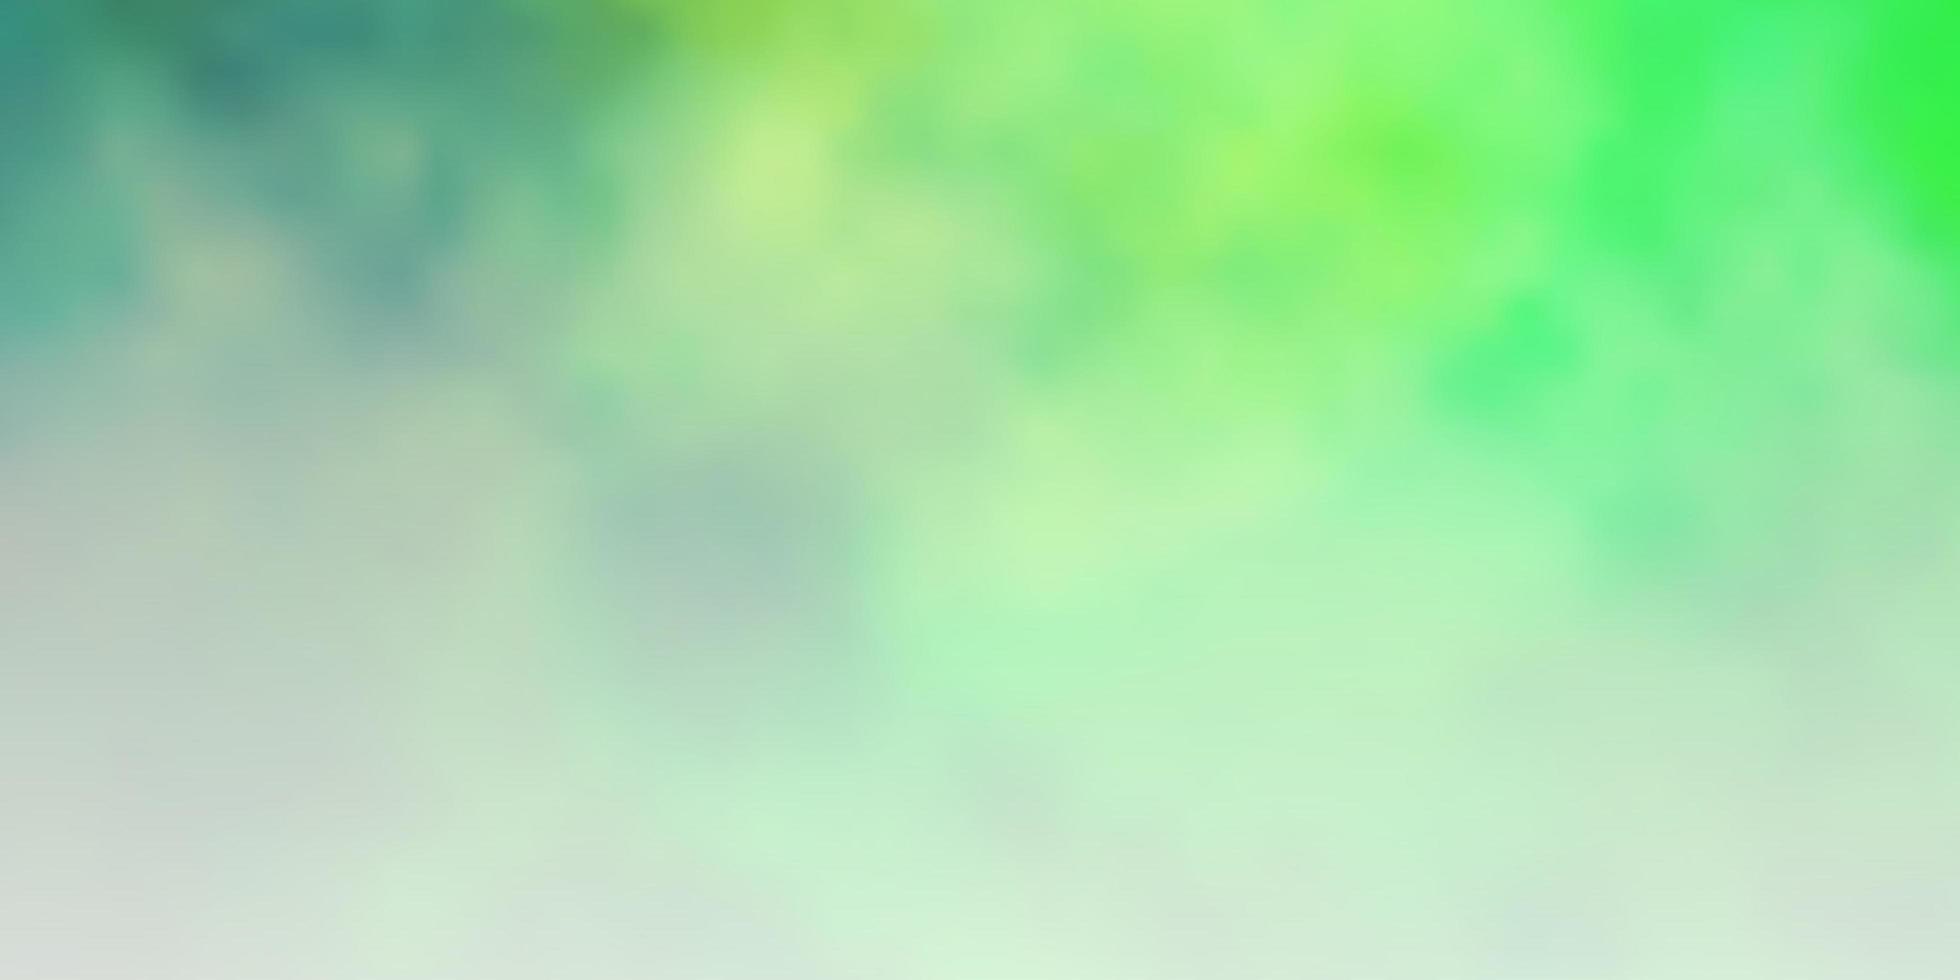 disposition de vecteur vert clair avec cloudscape.